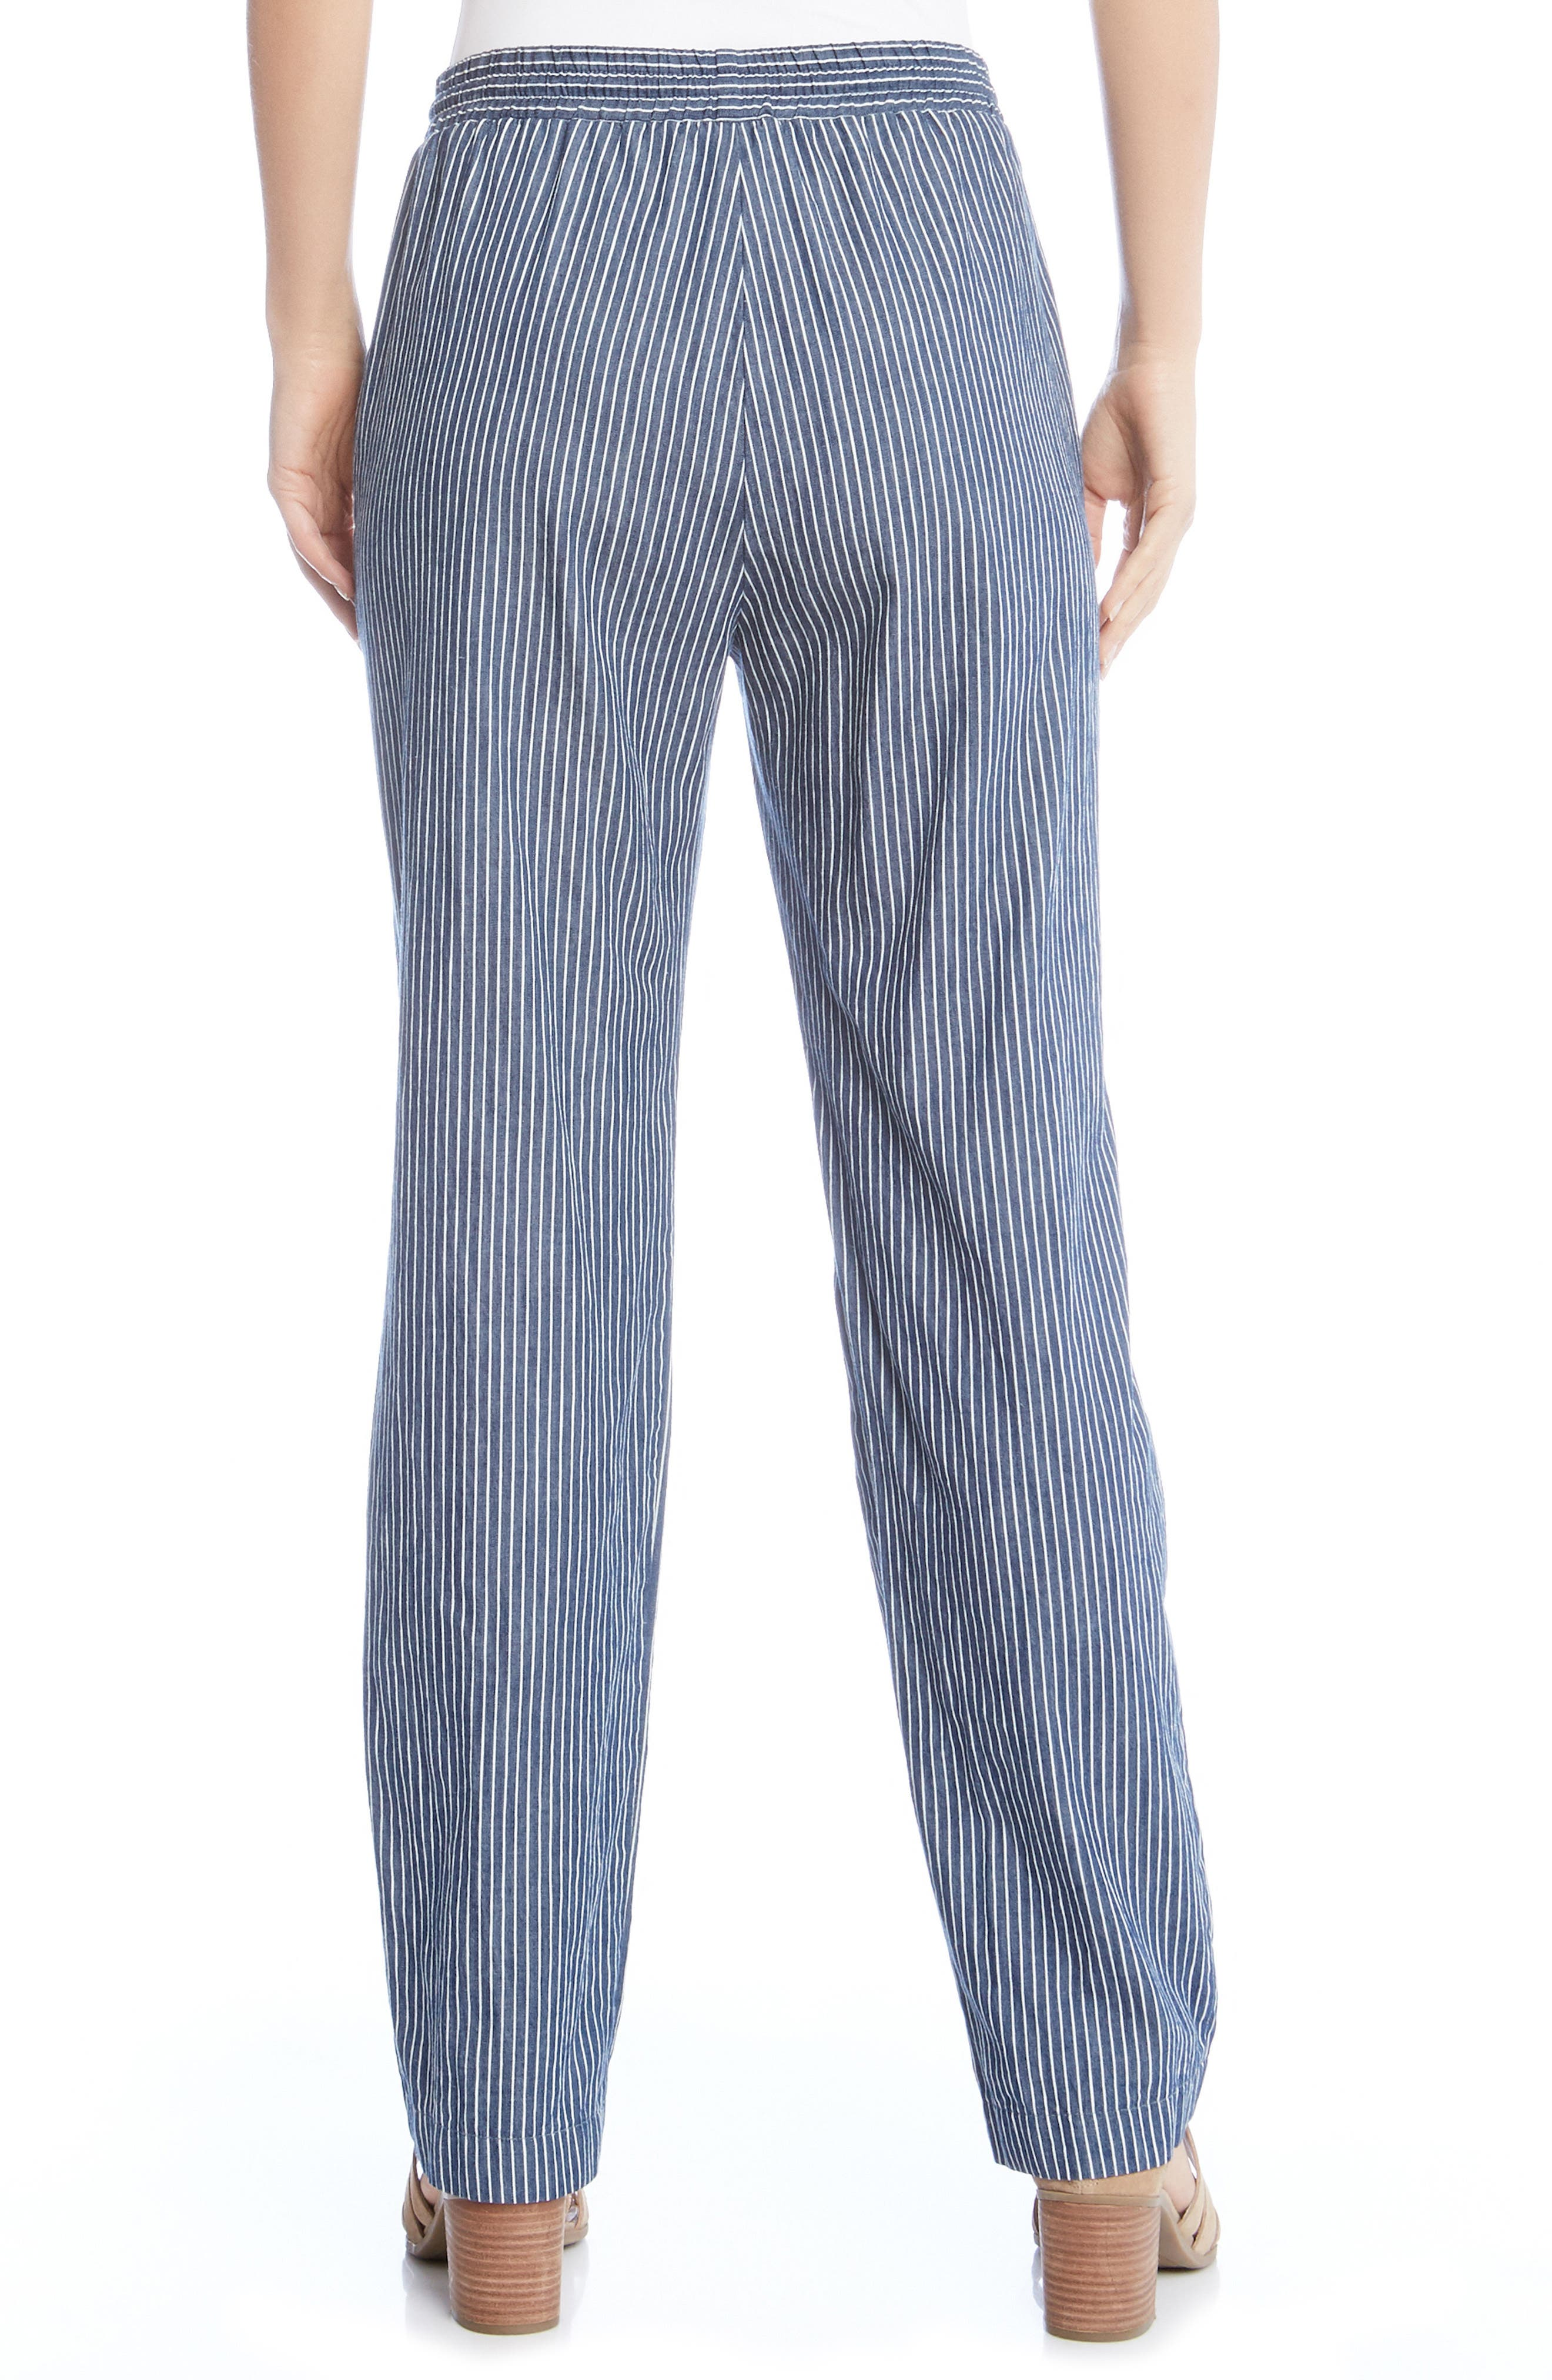 Stripe Drawsting Pants,                             Alternate thumbnail 2, color,                             400